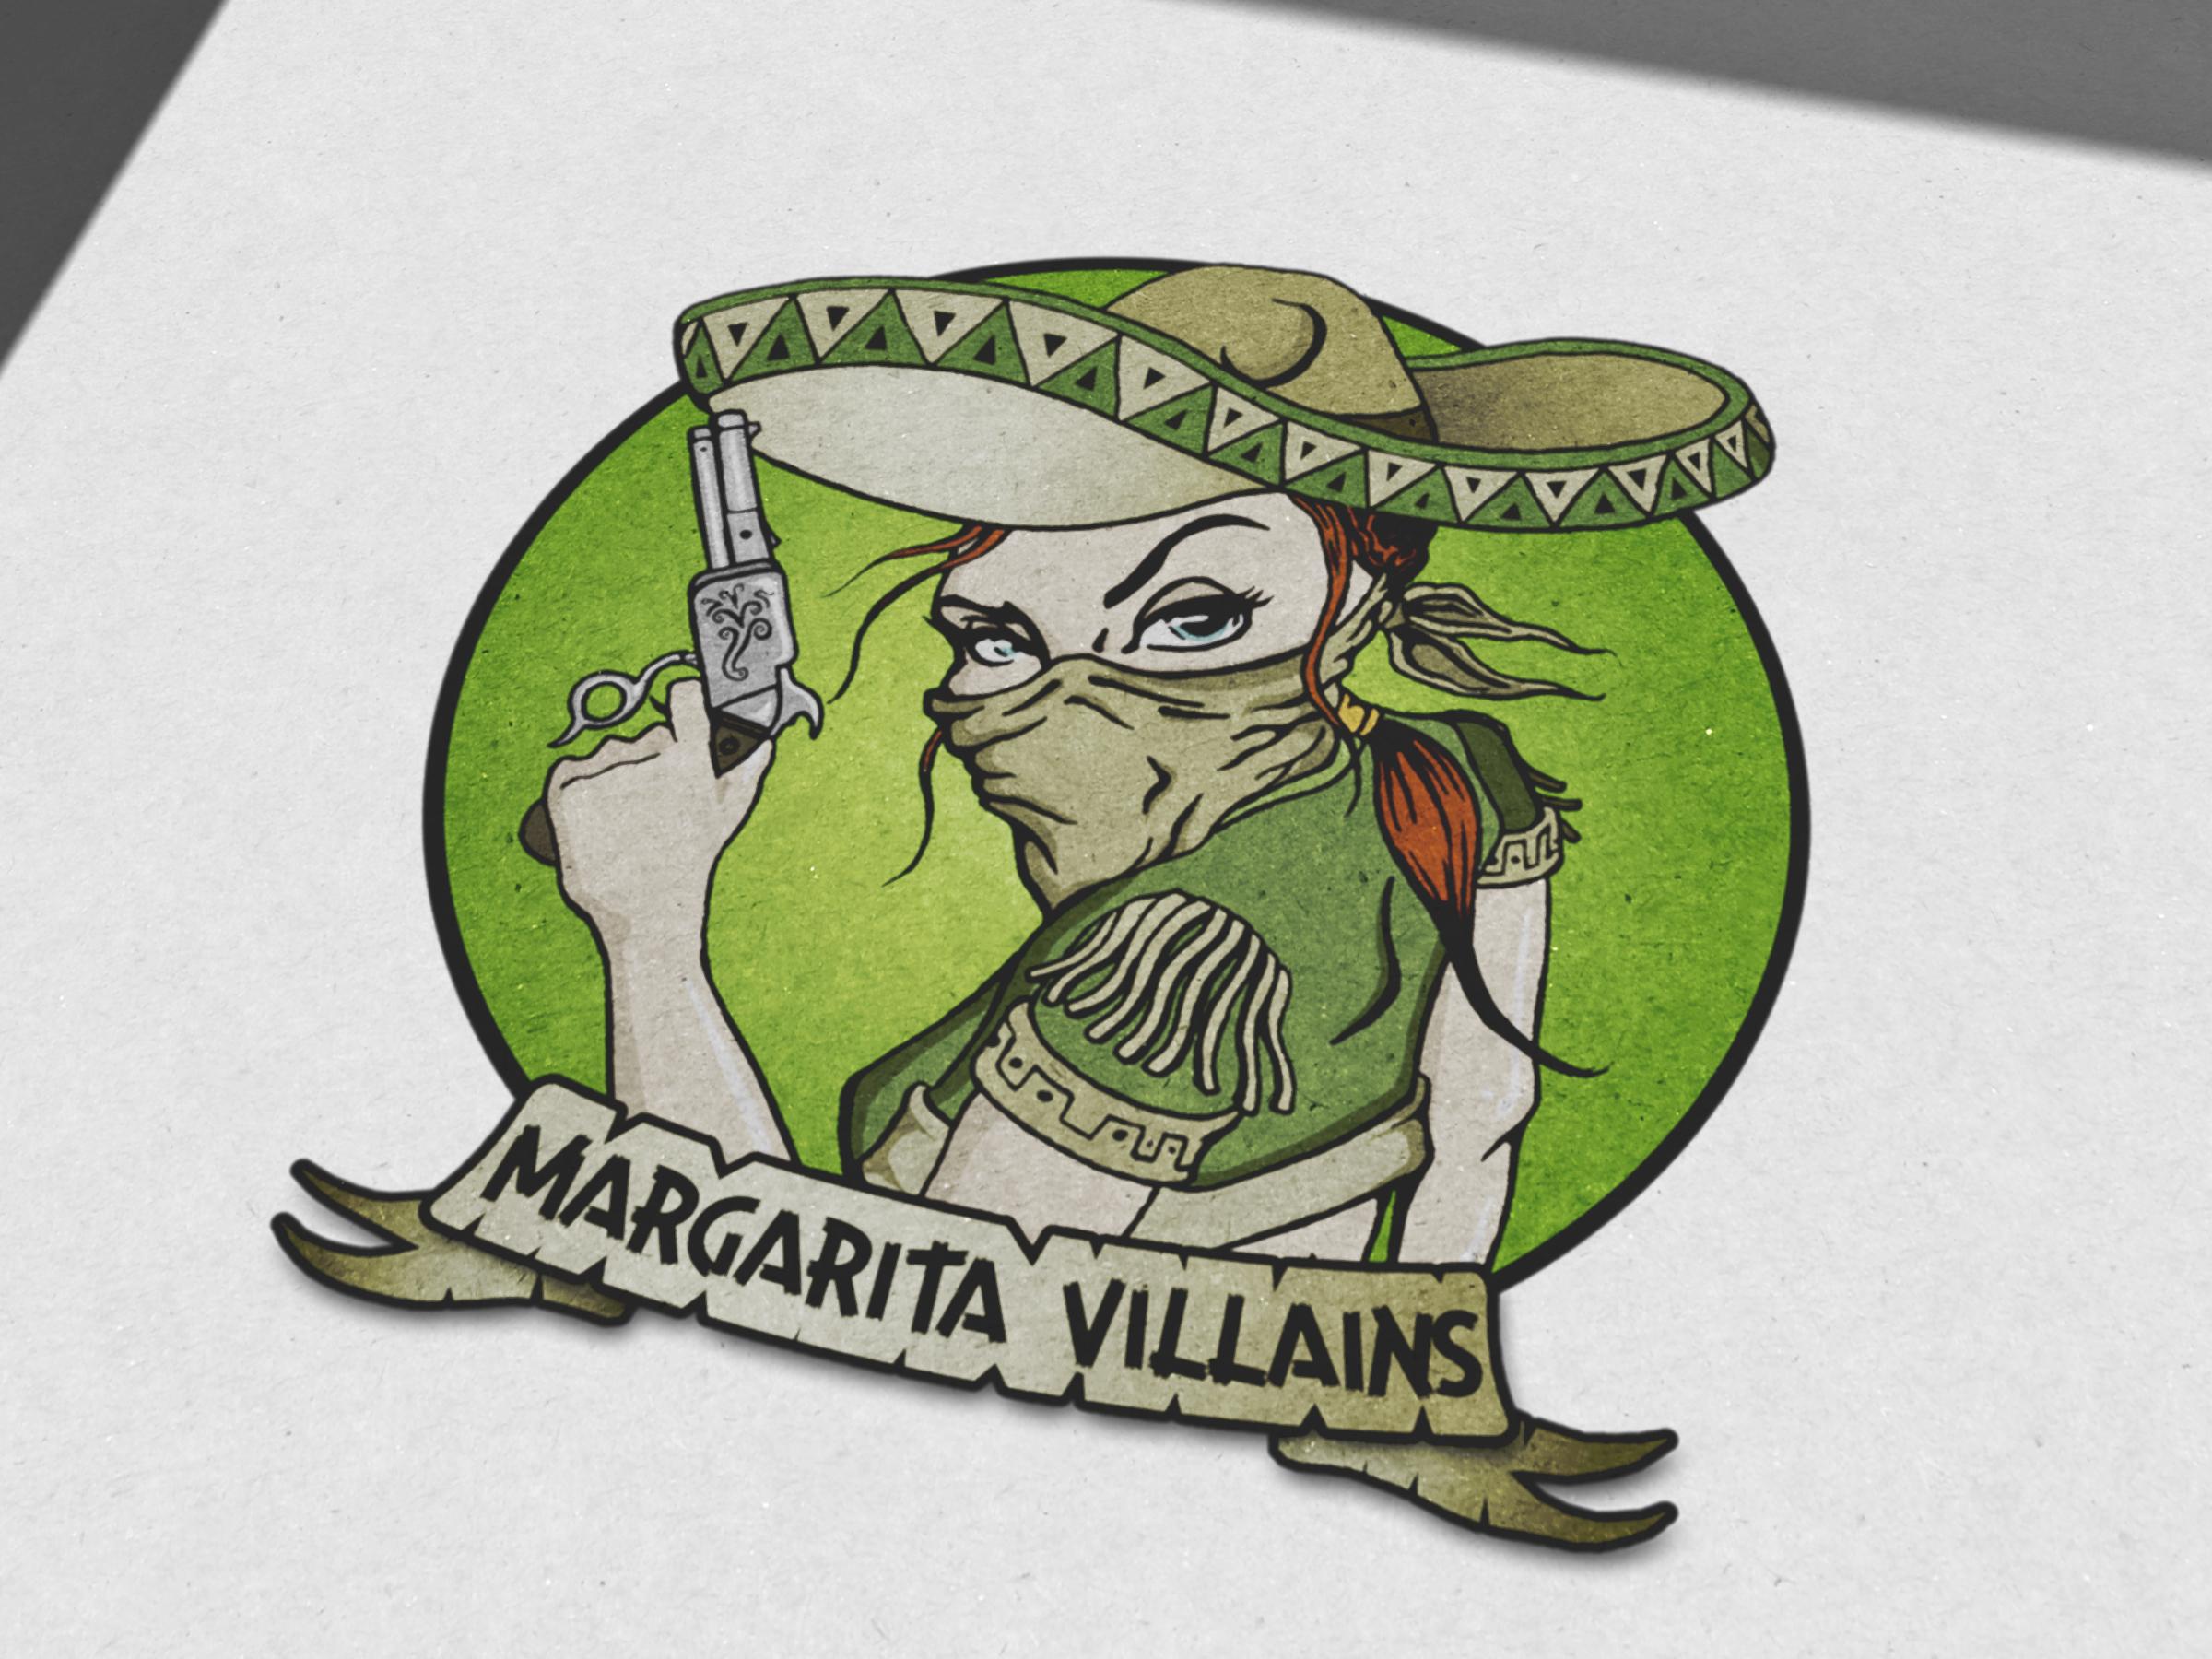 Illustrsation / Logo Design: Margarita Villains